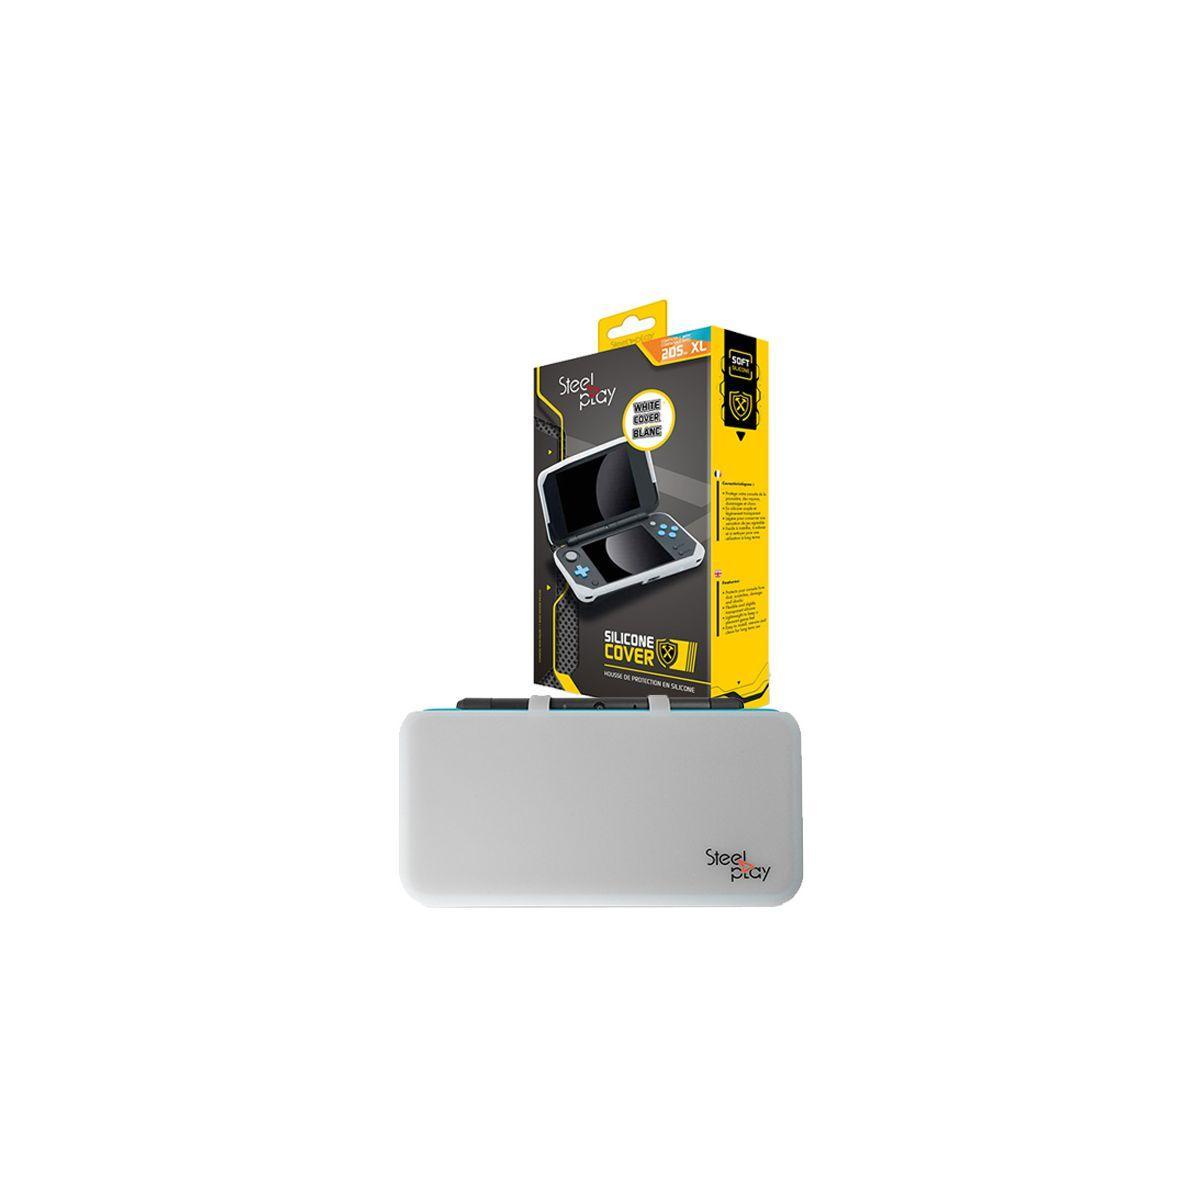 Housse de protection steelplay housse silicone new 2ds xl blanche - 2% de remise imm�diate avec le code : deal2 (photo)